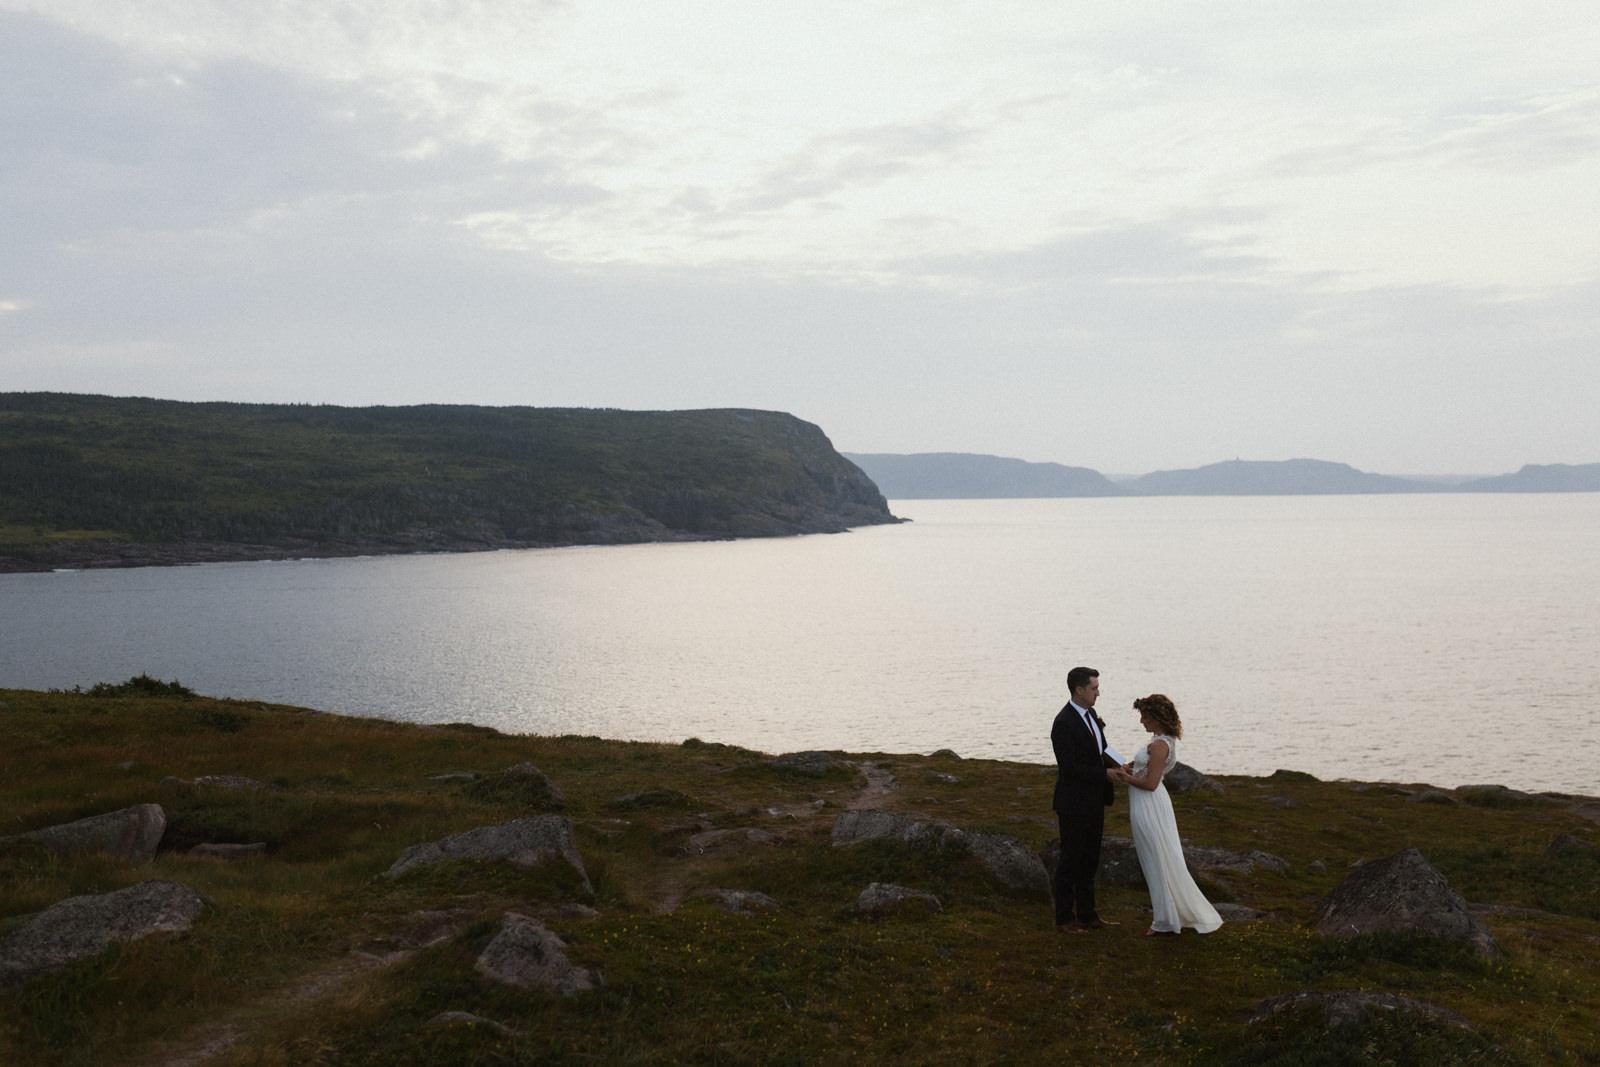 couple exchanges vows, cape spear newfoundland elopement photographer